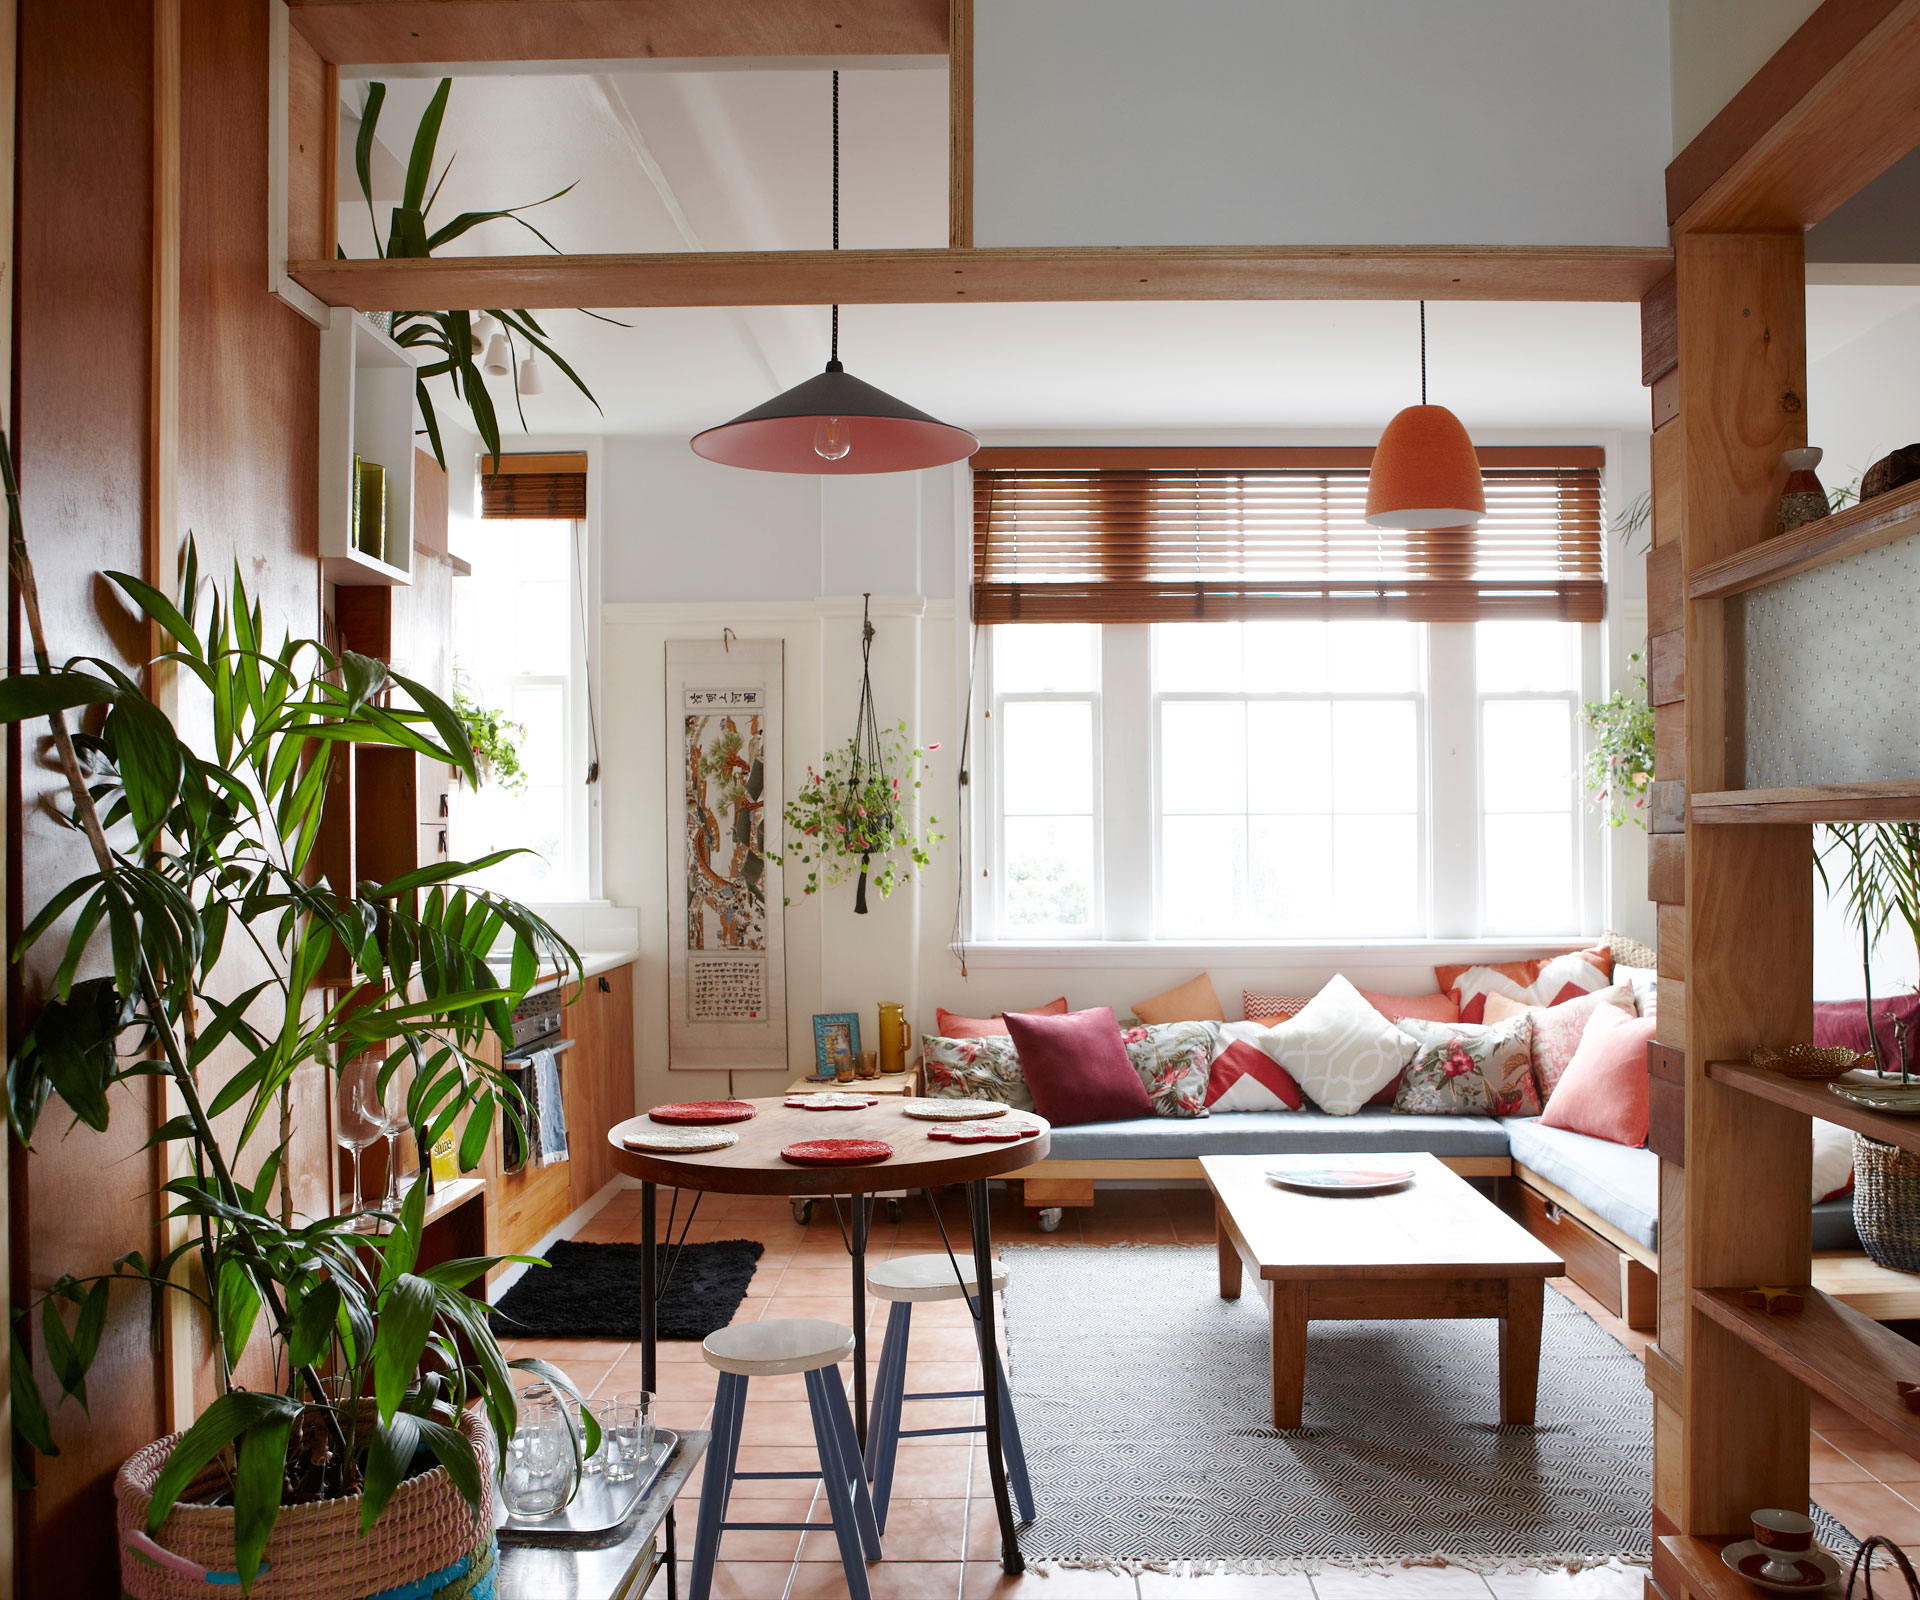 Однокомнатная квартира в японском стиле с деревом